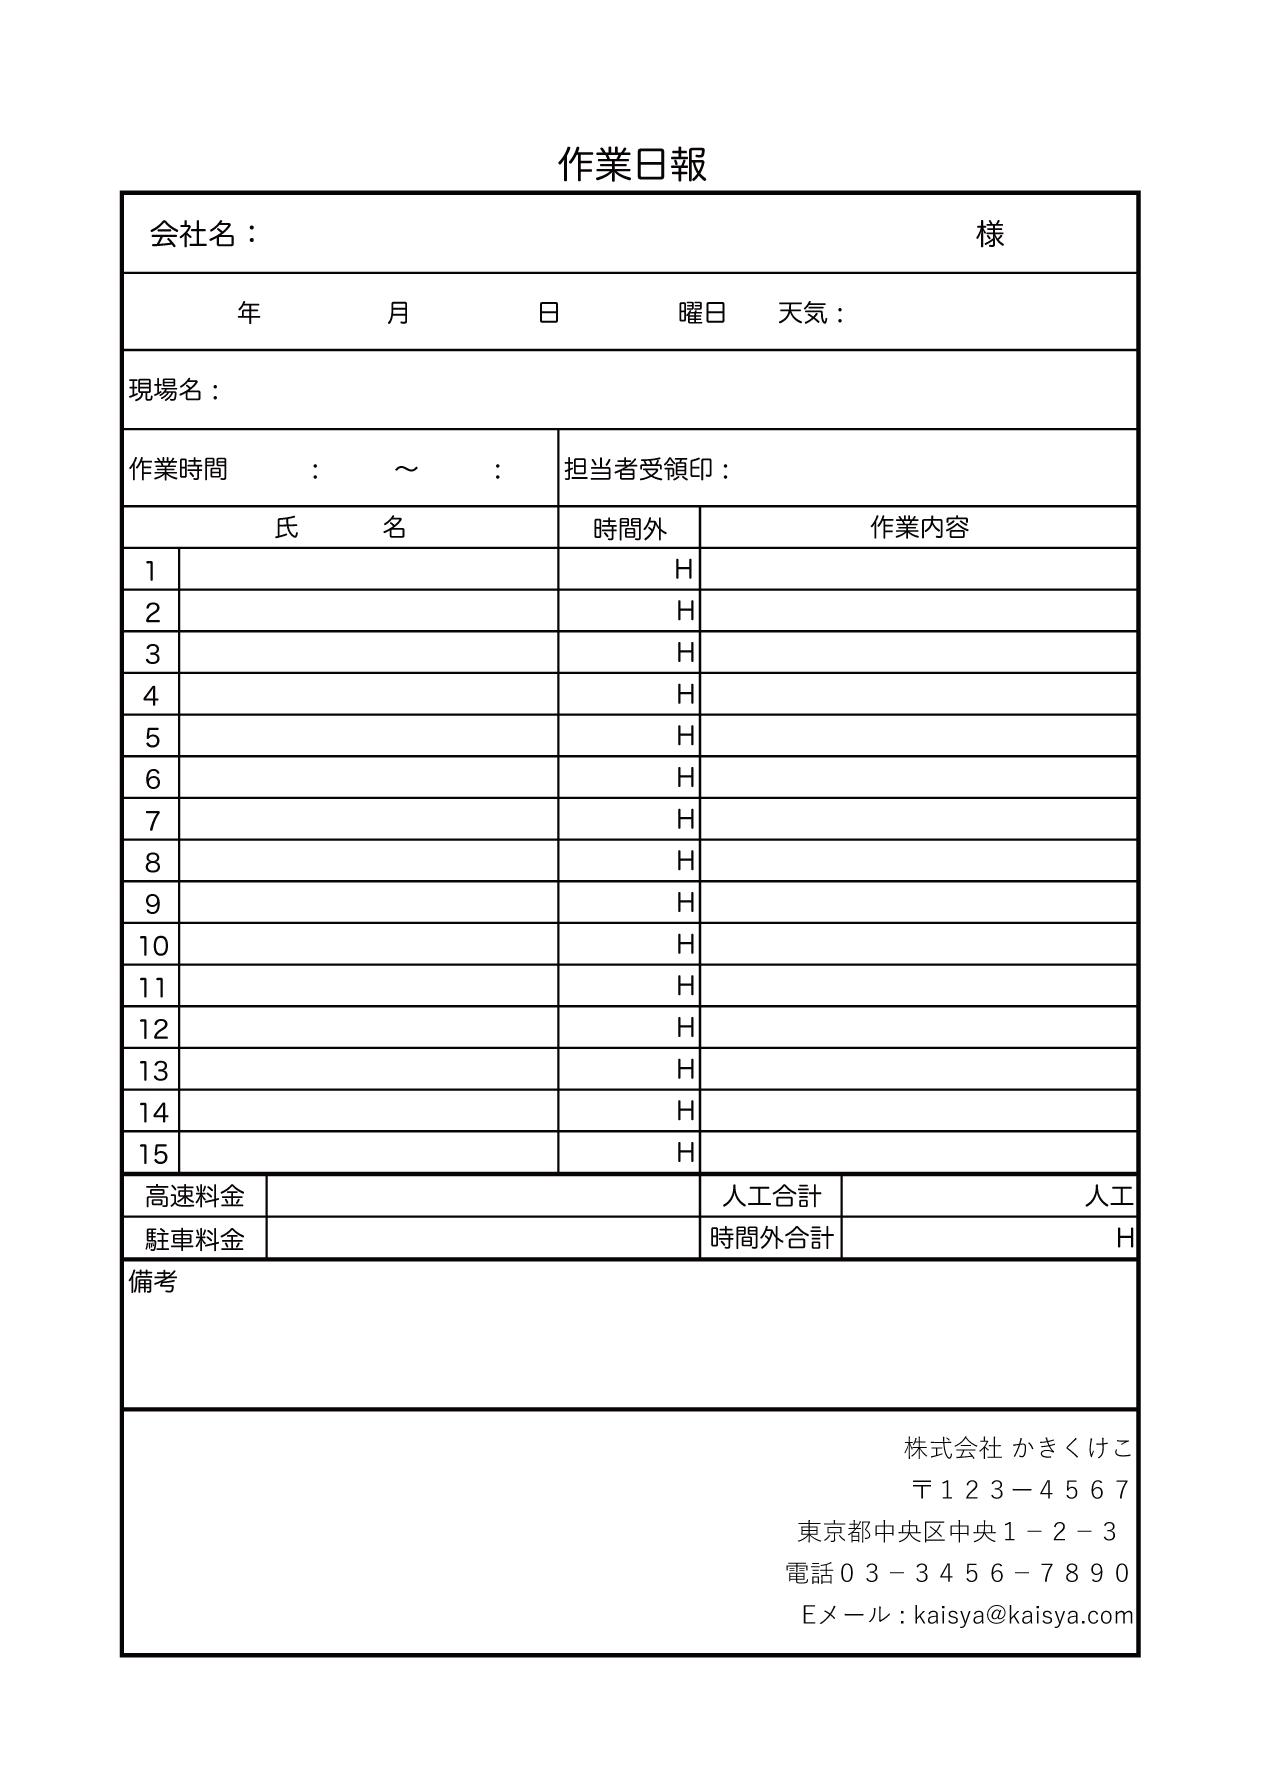 作業日報 テンプレート 建設業 向け(エクセル・ナンバーズ)